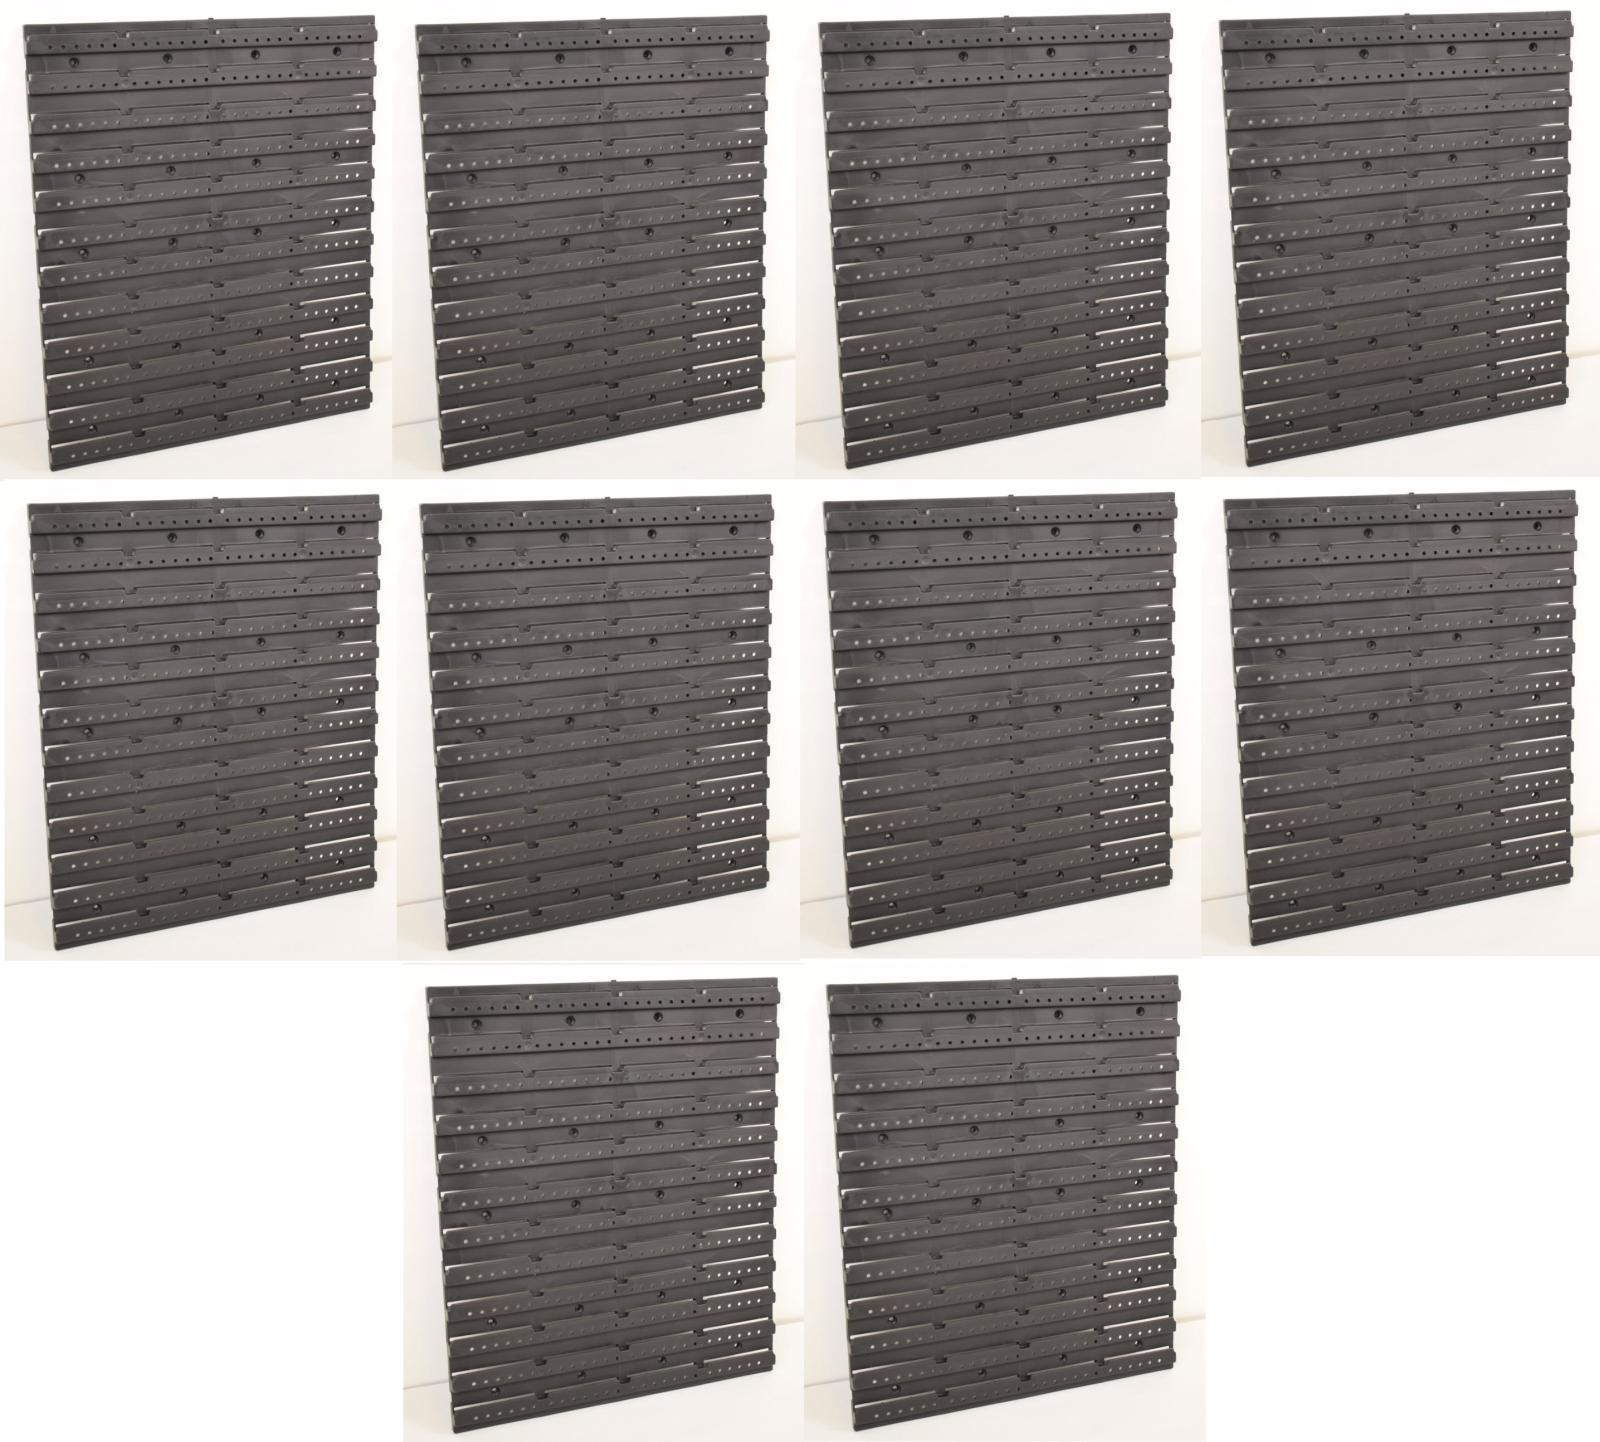 10x Wandplatte Werkzeug Loch Wand für Stapelboxen Werkstatt ProfiPlus Allit